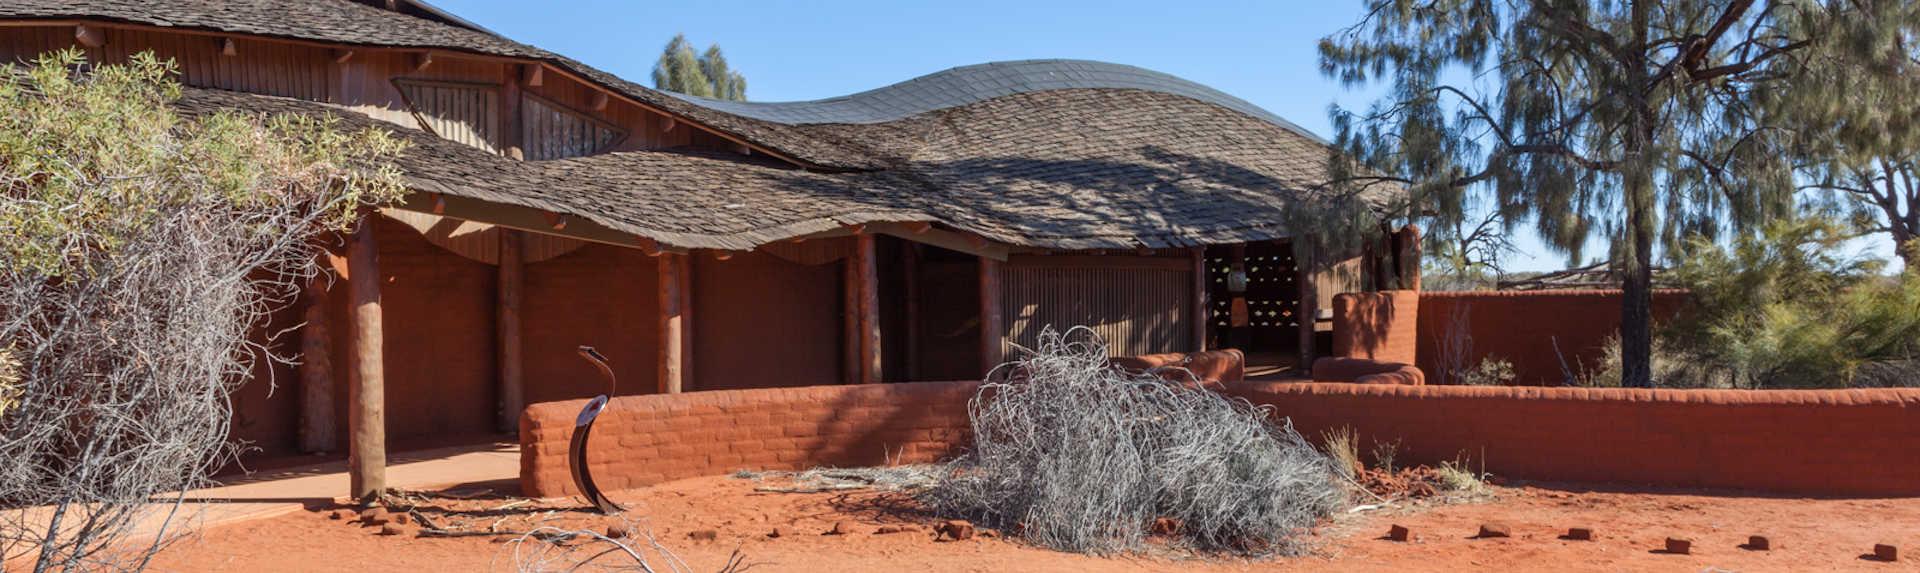 Learn more about Uluru-Kata Tjuta Cultural Centre